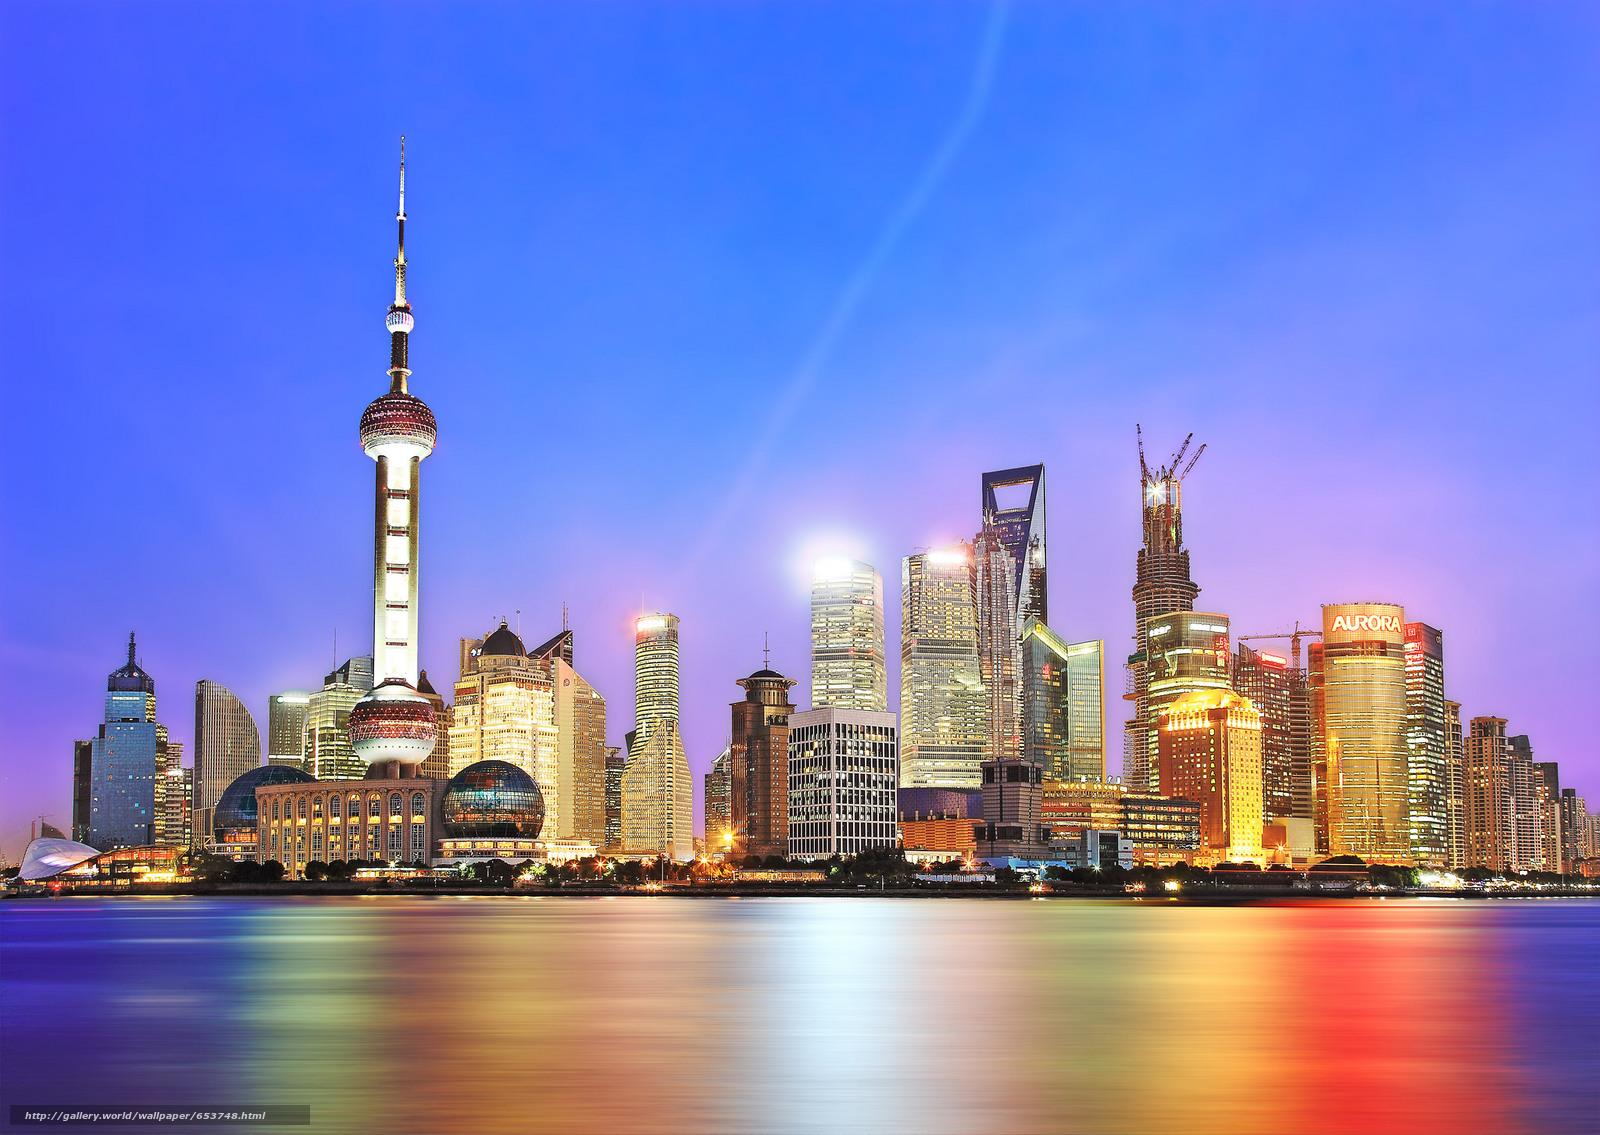 Скачать обои Шанхай,  Китай,  Shanghai,  China бесплатно для рабочего стола в разрешении 2048x1453 — картинка №653748